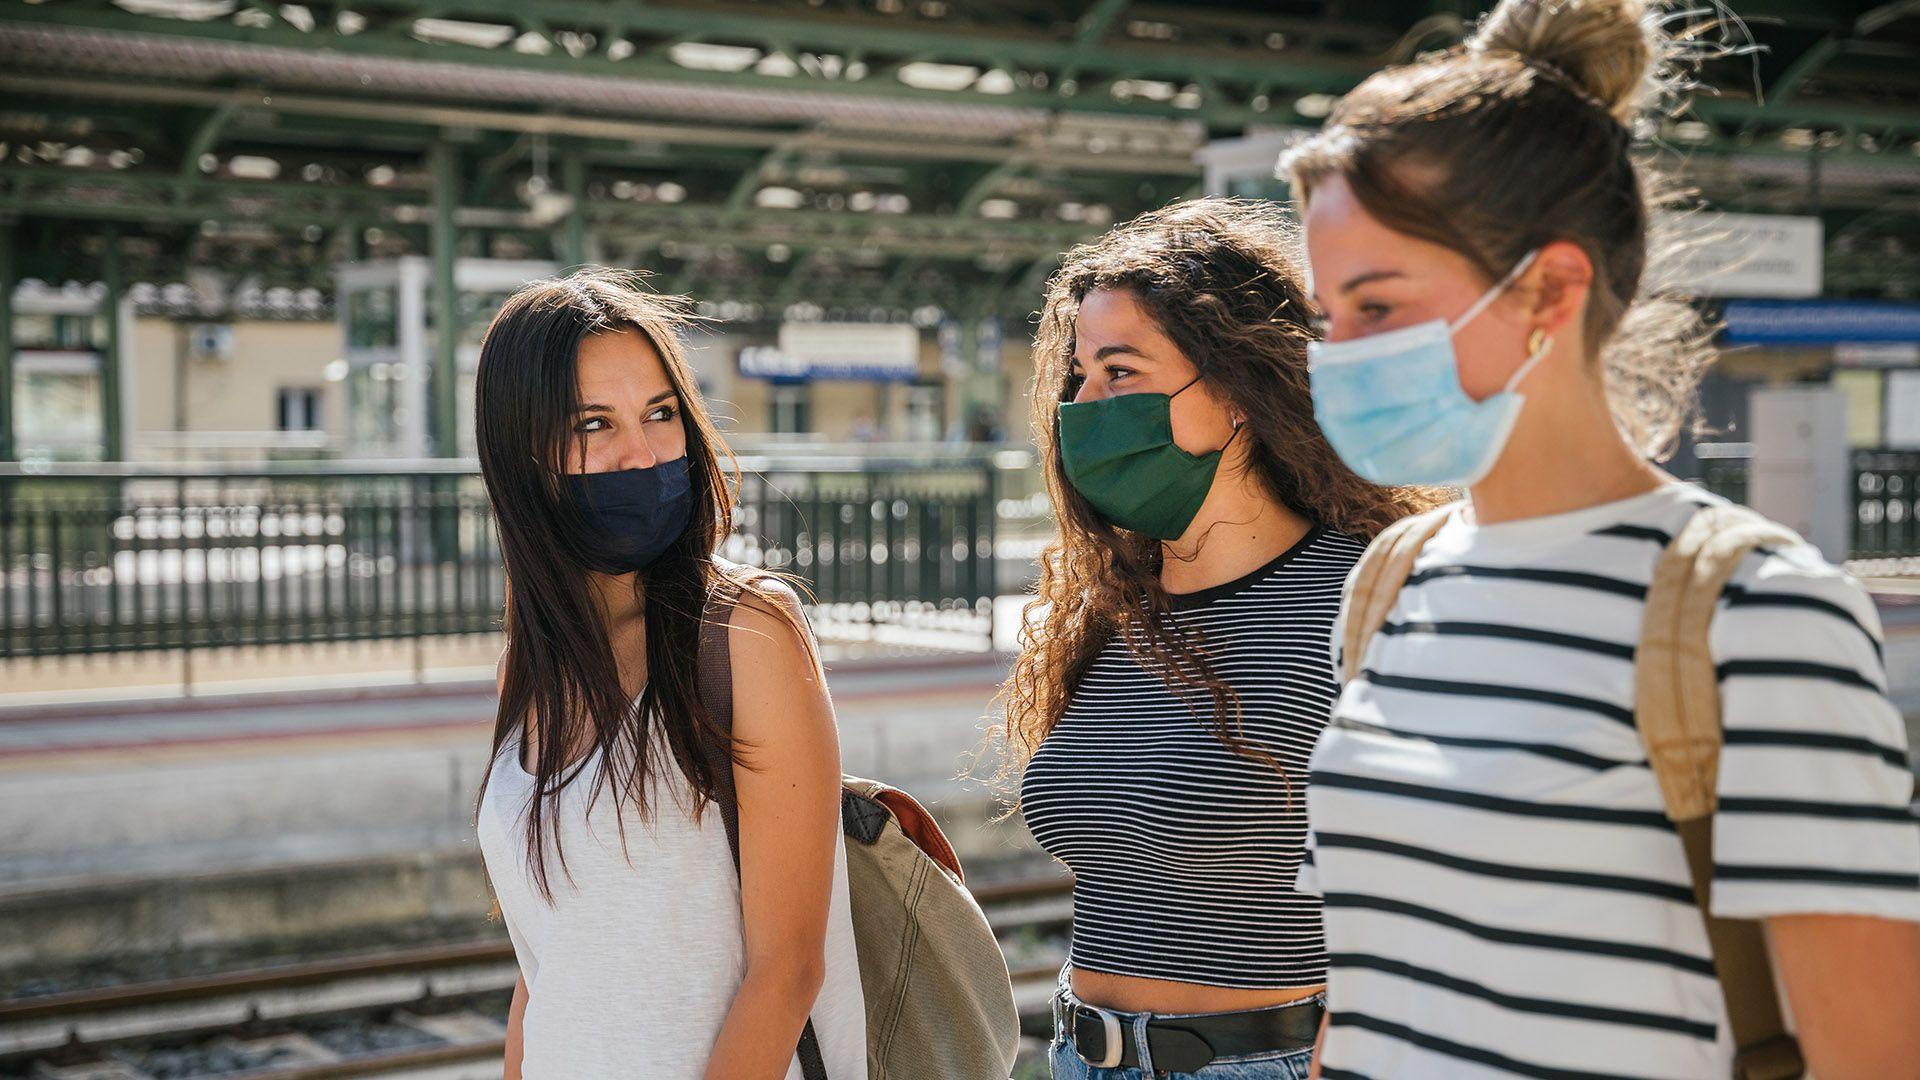 Vacaciones pandemia 1920x1080